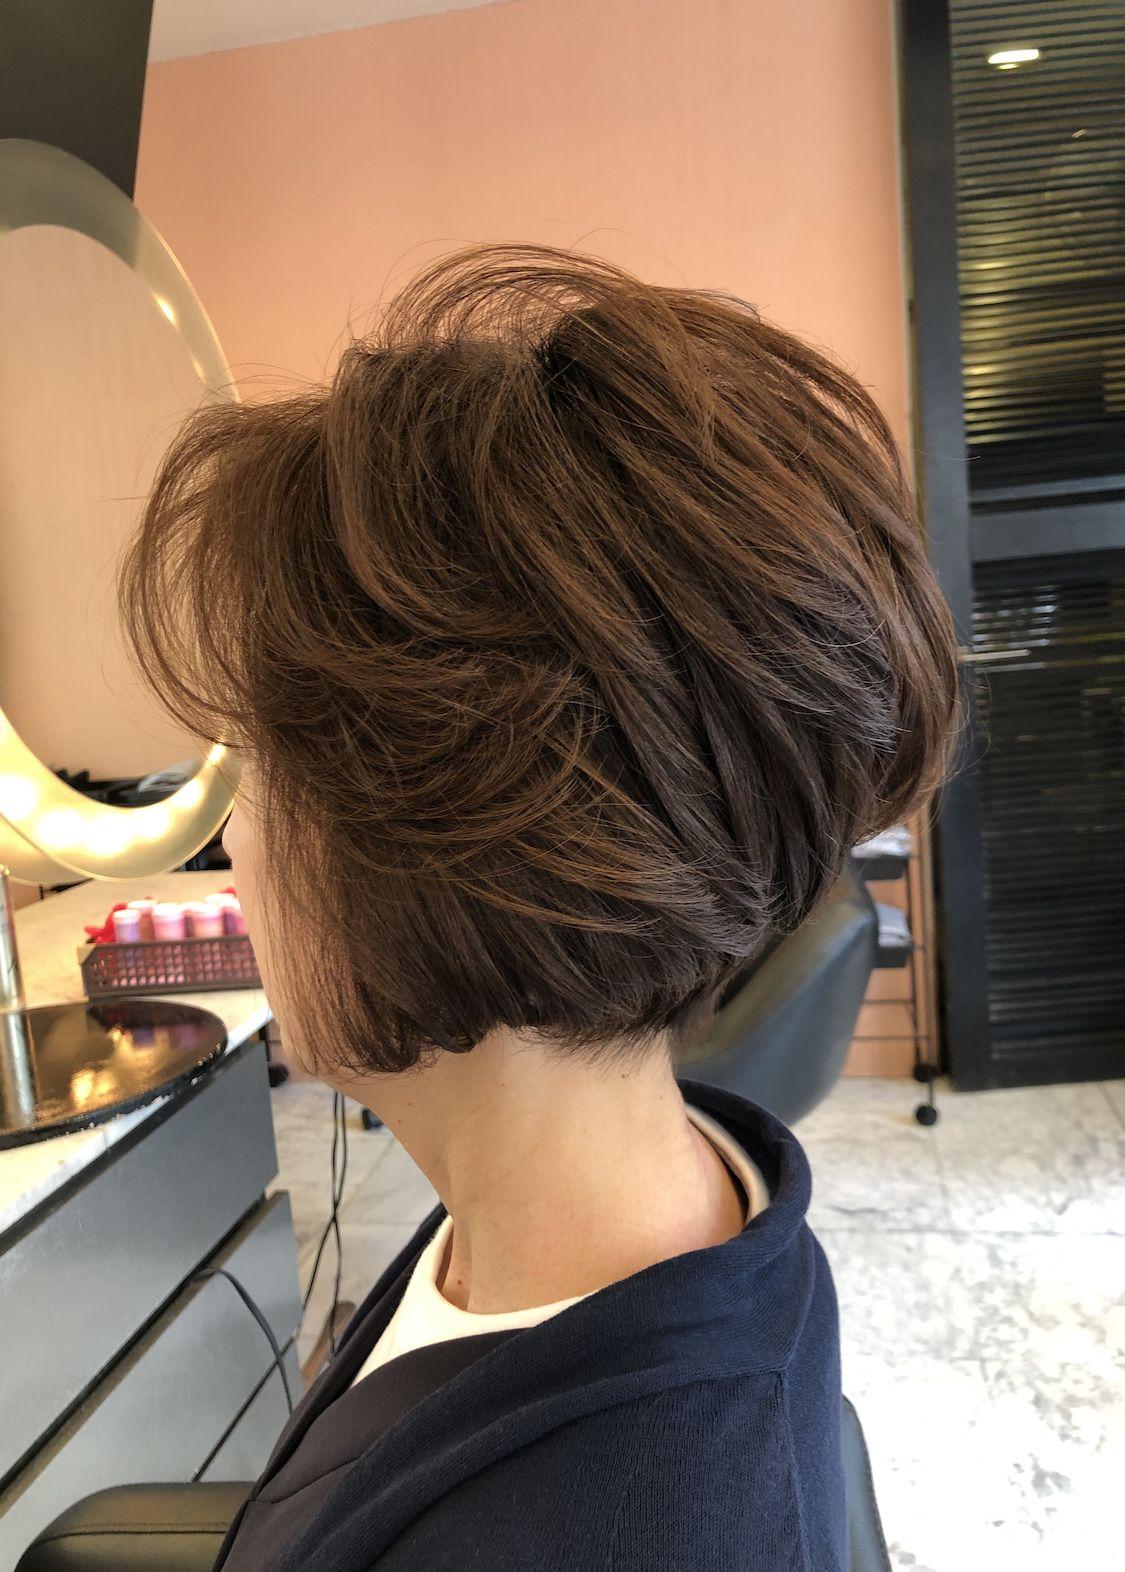 40代50代60代ヘアスタイル髪型 ショートボブ 60代 ヘアスタイル